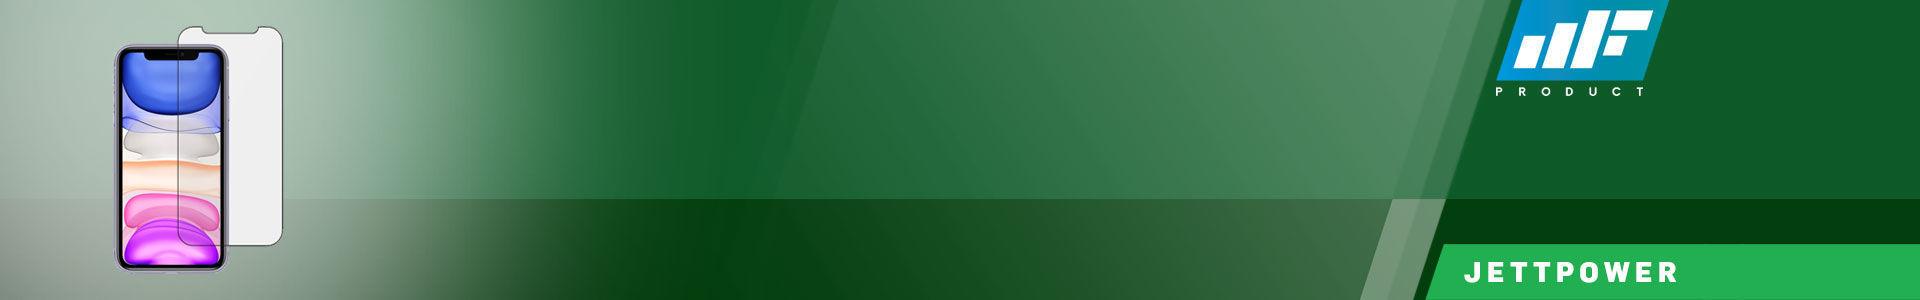 MF Product Jettpower 0376 Klasik Ekran Koruyucu Cam iPhone Xr/11 için en doğru adrestesin!